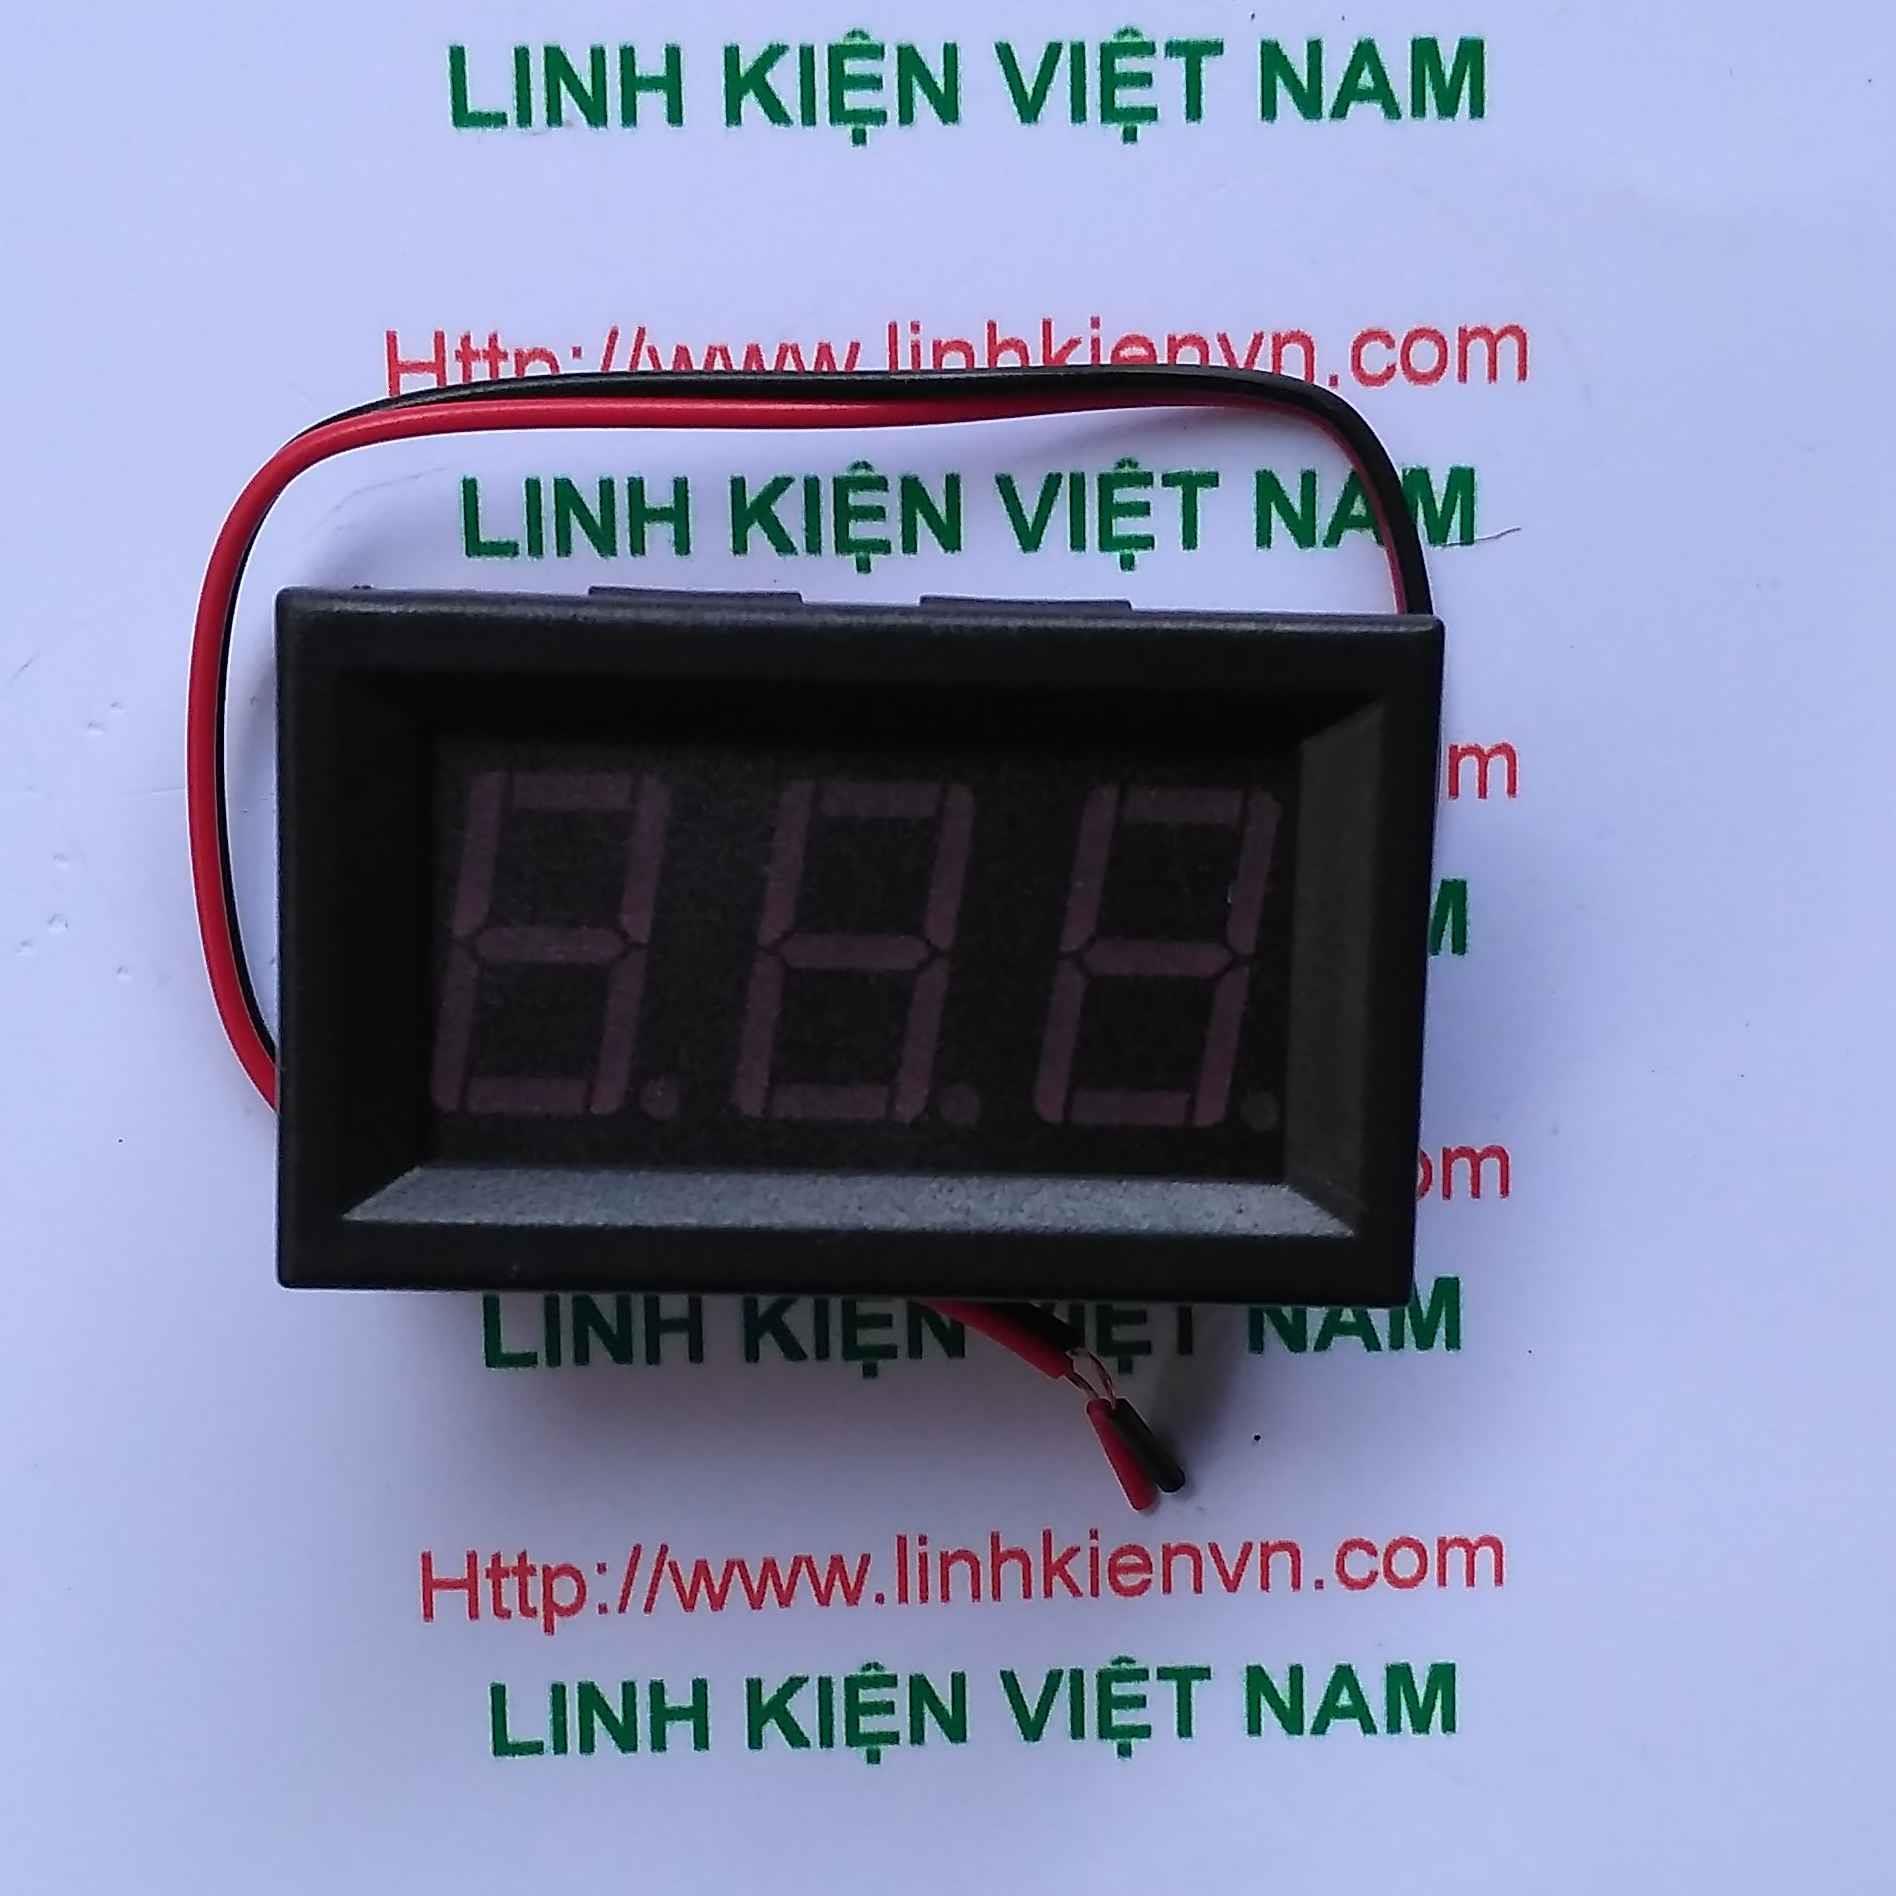 Vôn kế đo hiển thị điện áp 2 dây AC220V 70V-500V / Module đo hiển thị điện áp bằng hai dây - G1H14